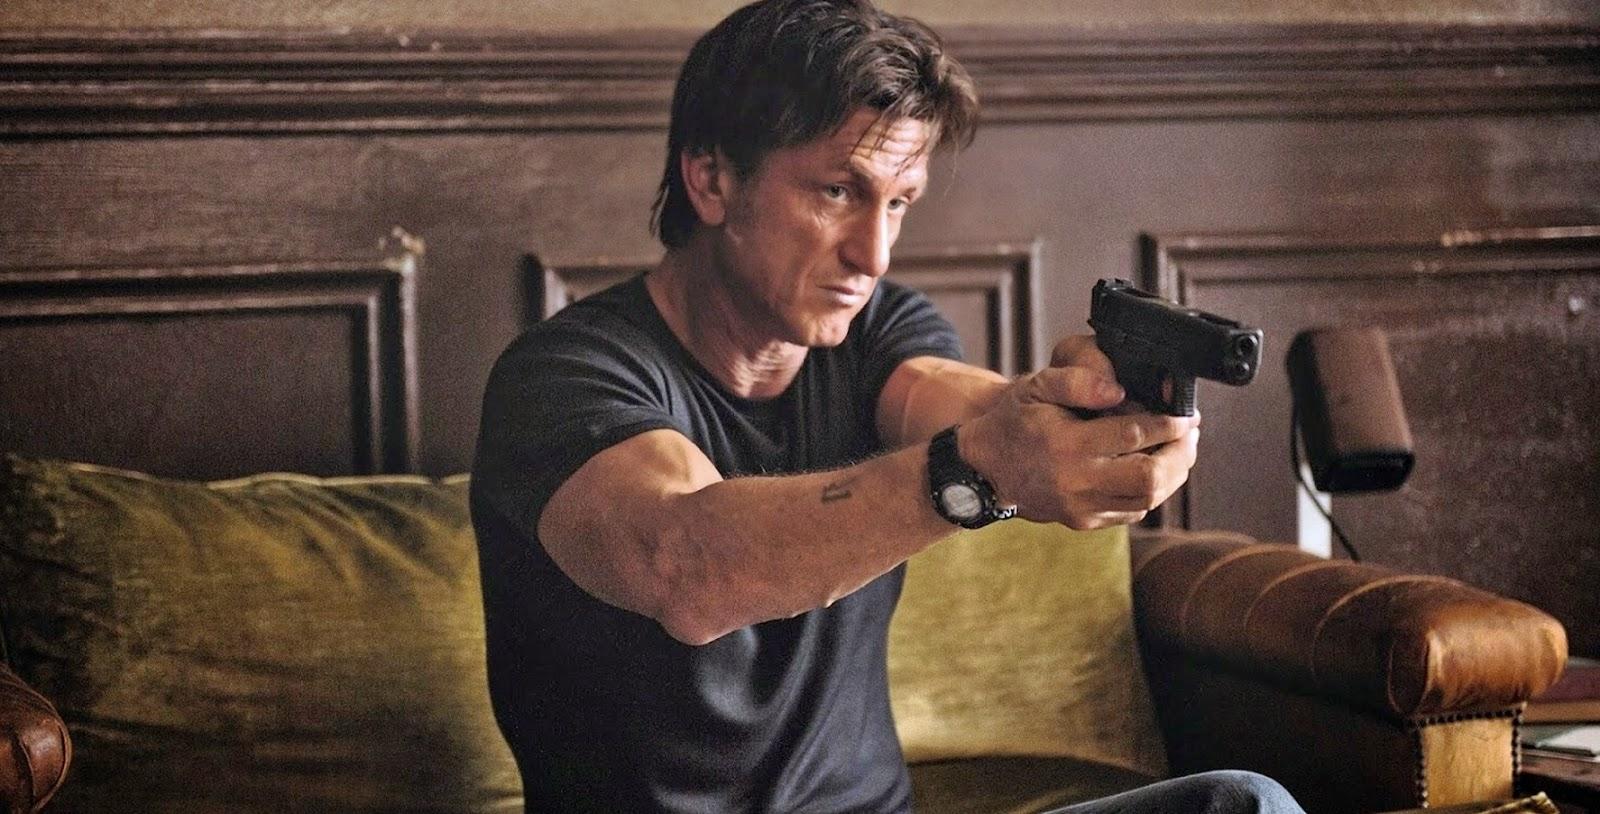 Assista aos clipes e featurette legendado da ação O Franco-Atirador, com Sean Penn e Javier Bardem